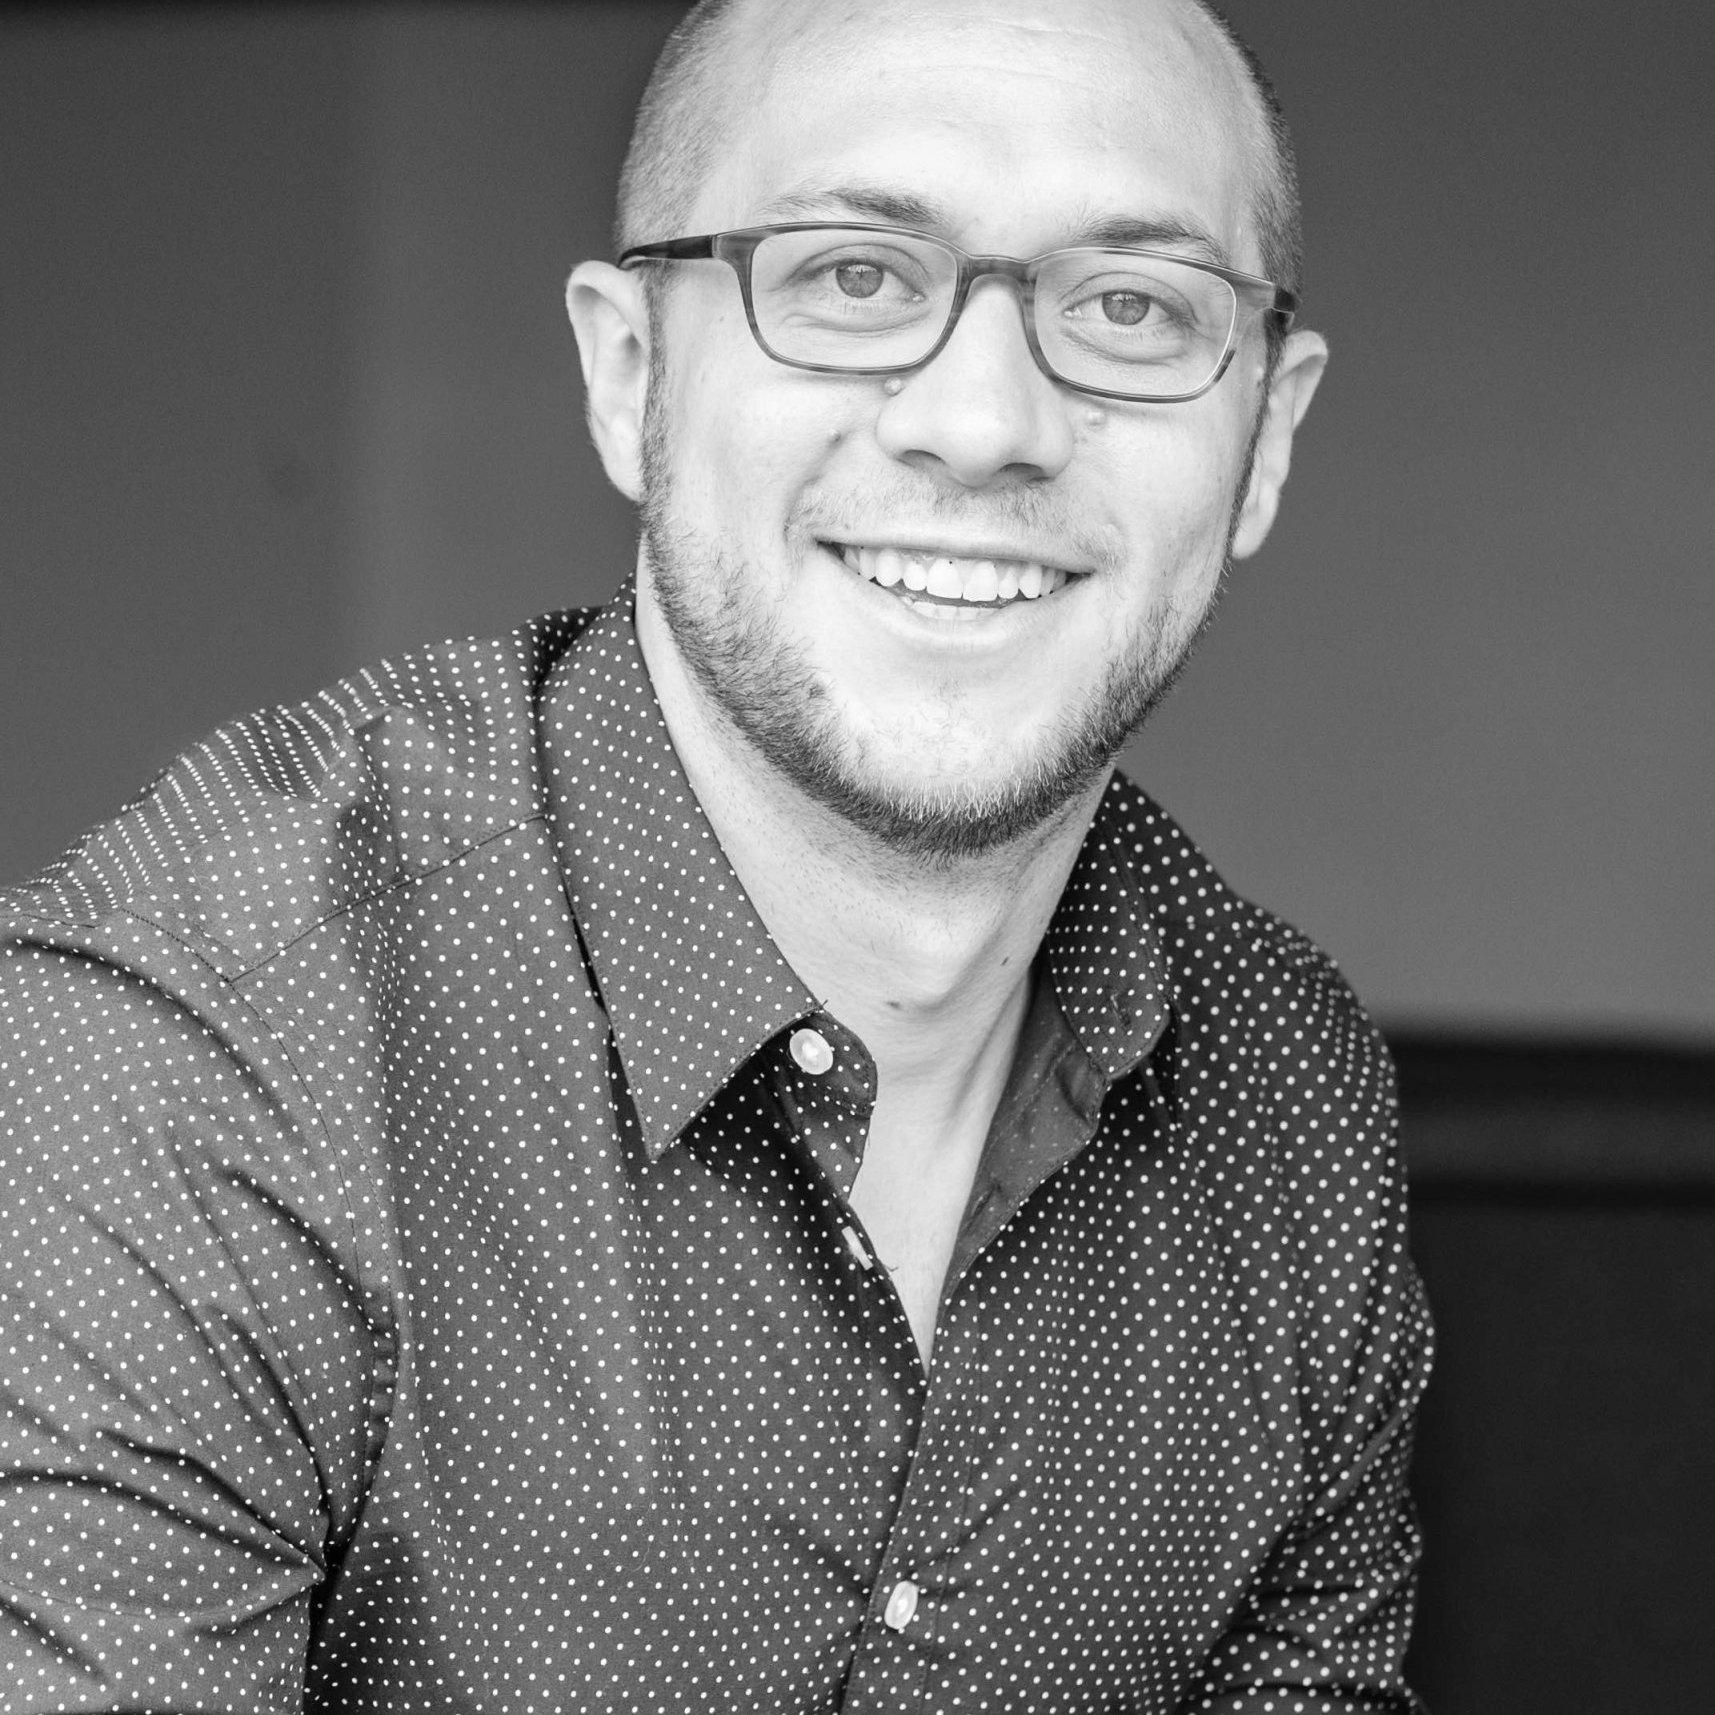 Bryan Hehr